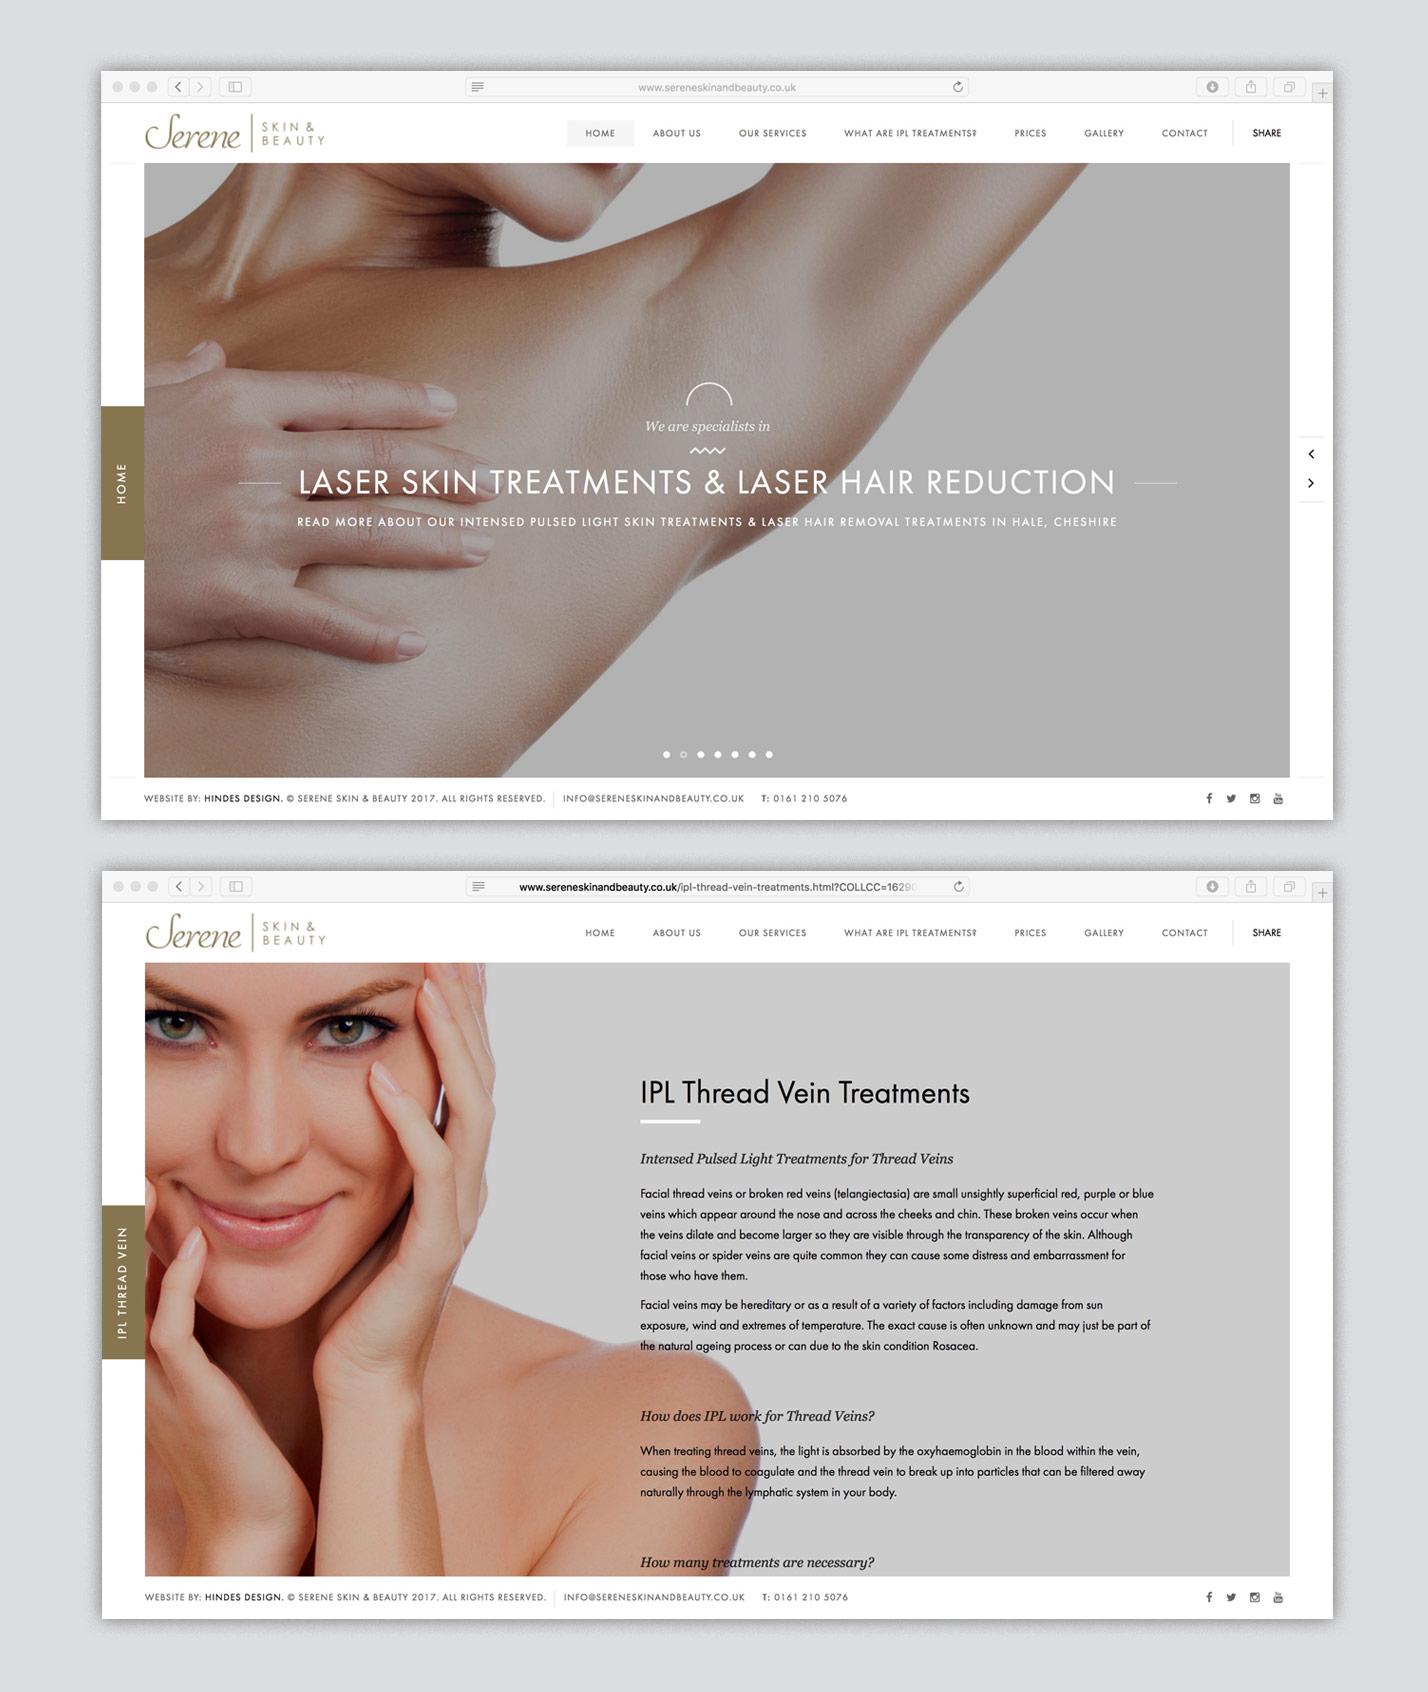 Website design for Serene Skin & Beauty